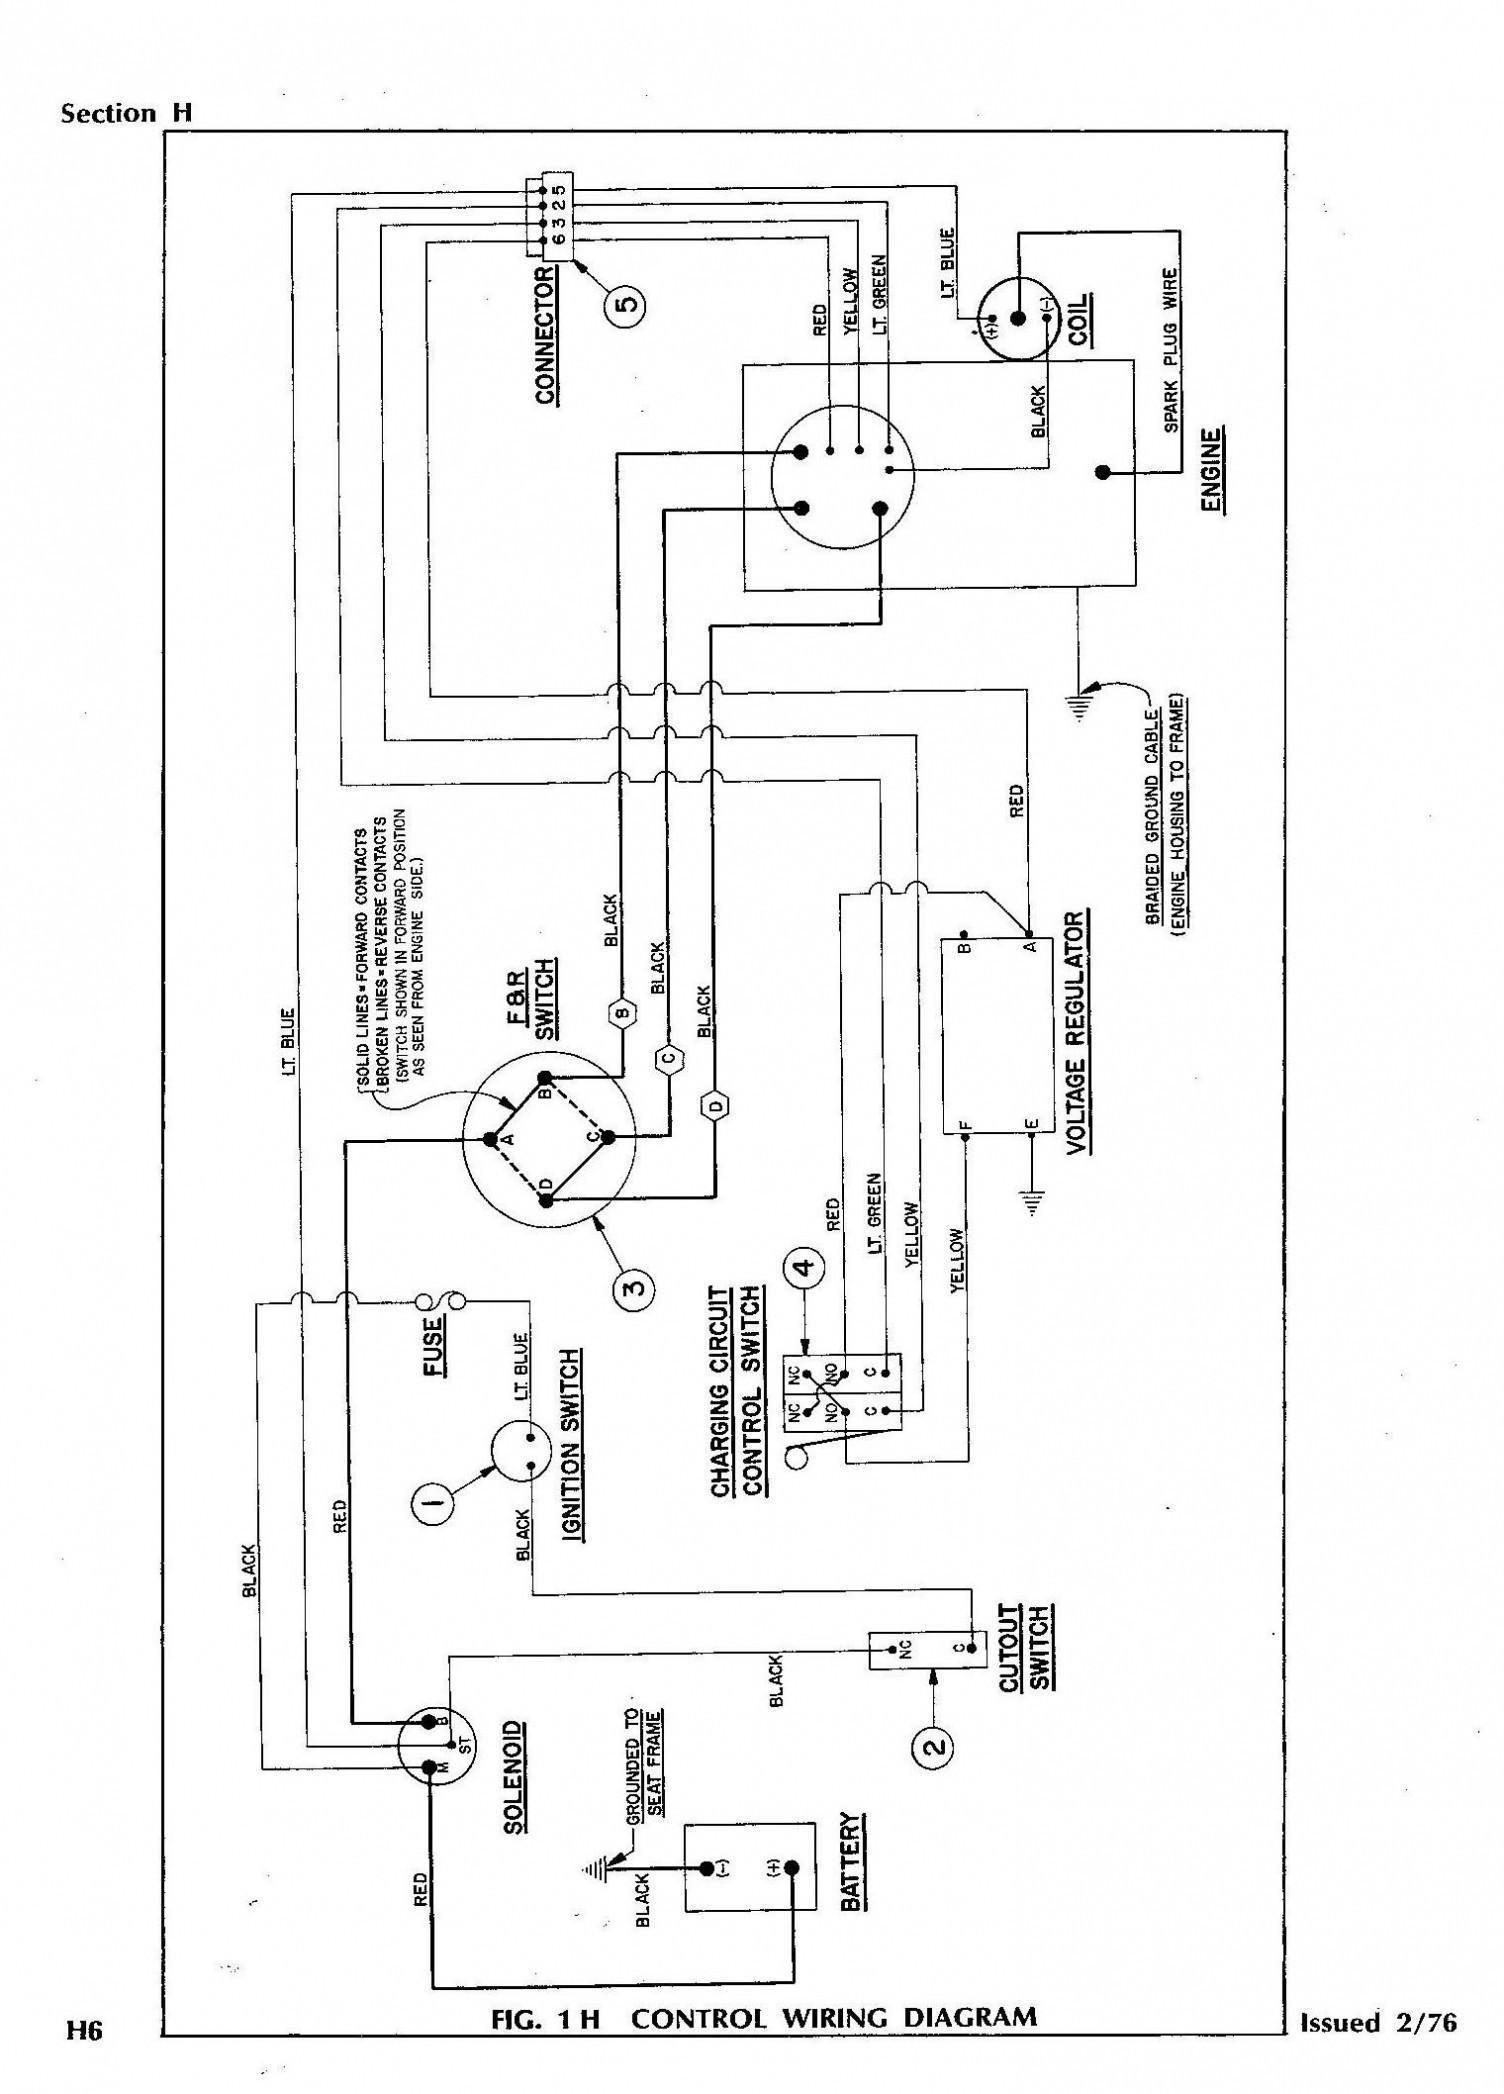 Club Car forward Reverse Switch Diagram Ds 6087] 36 Volt Club Car Wiring Diagram Schematic Of Club Car forward Reverse Switch Diagram